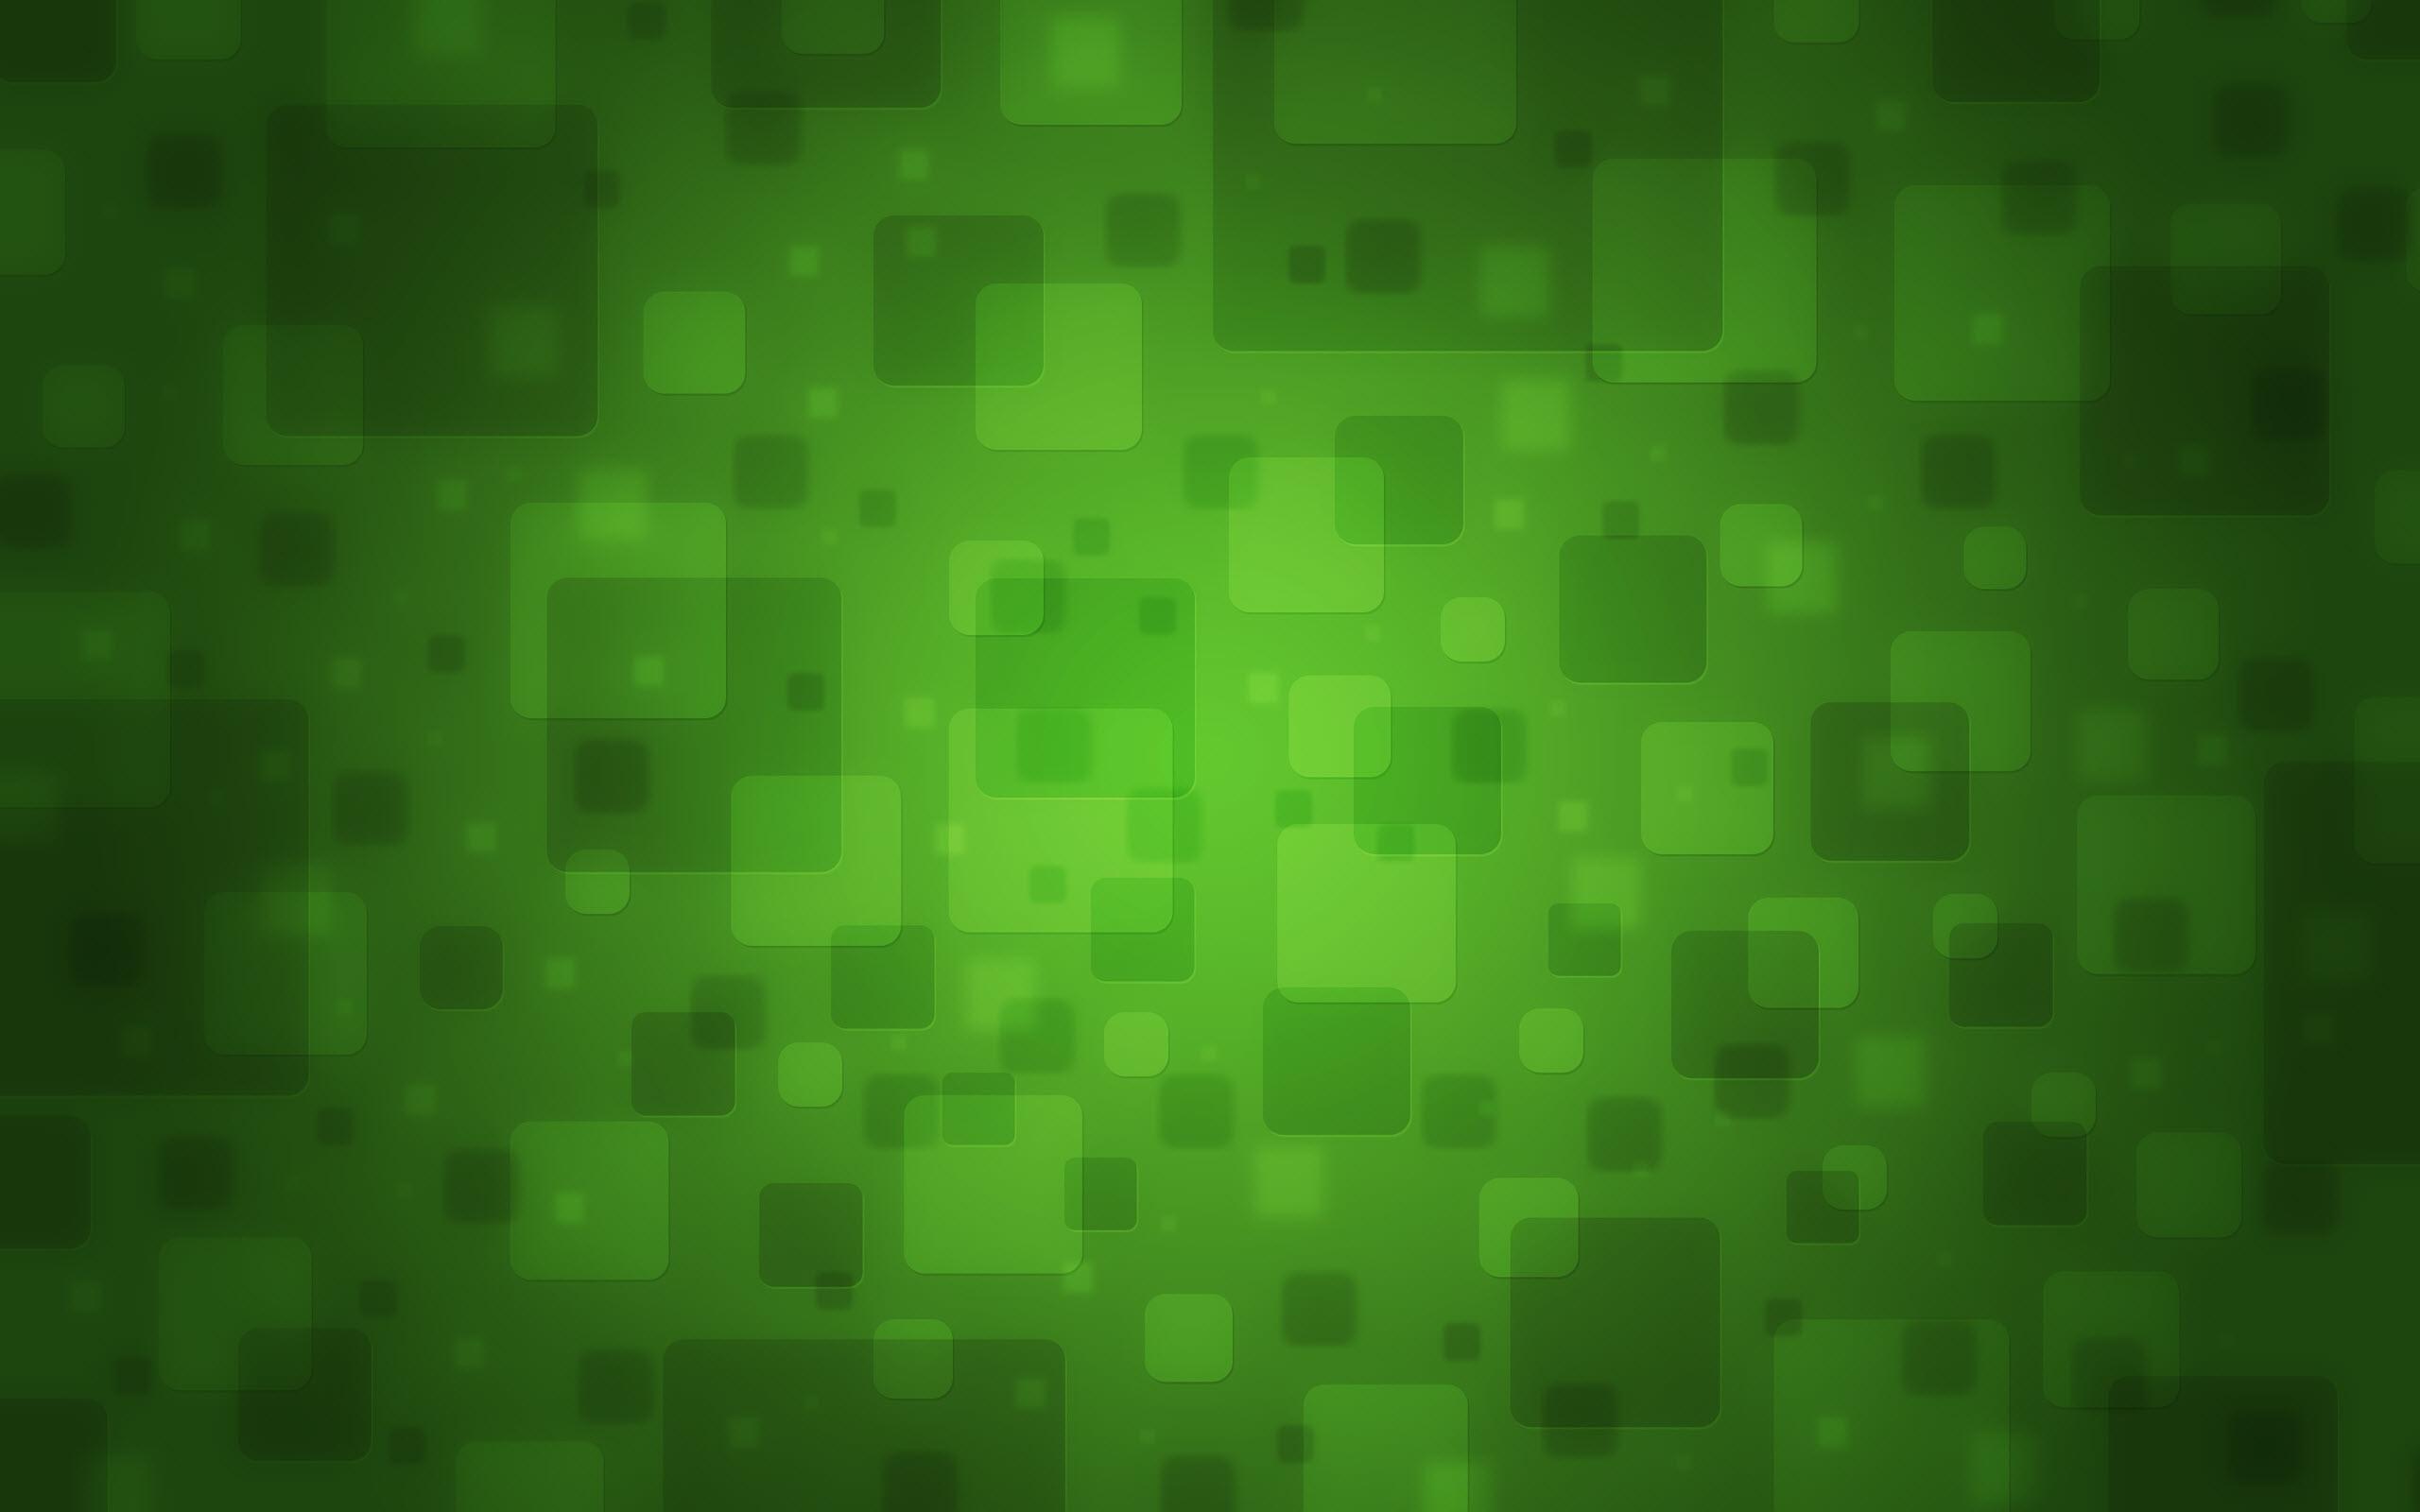 Abstract Green Desktop Wallpaper